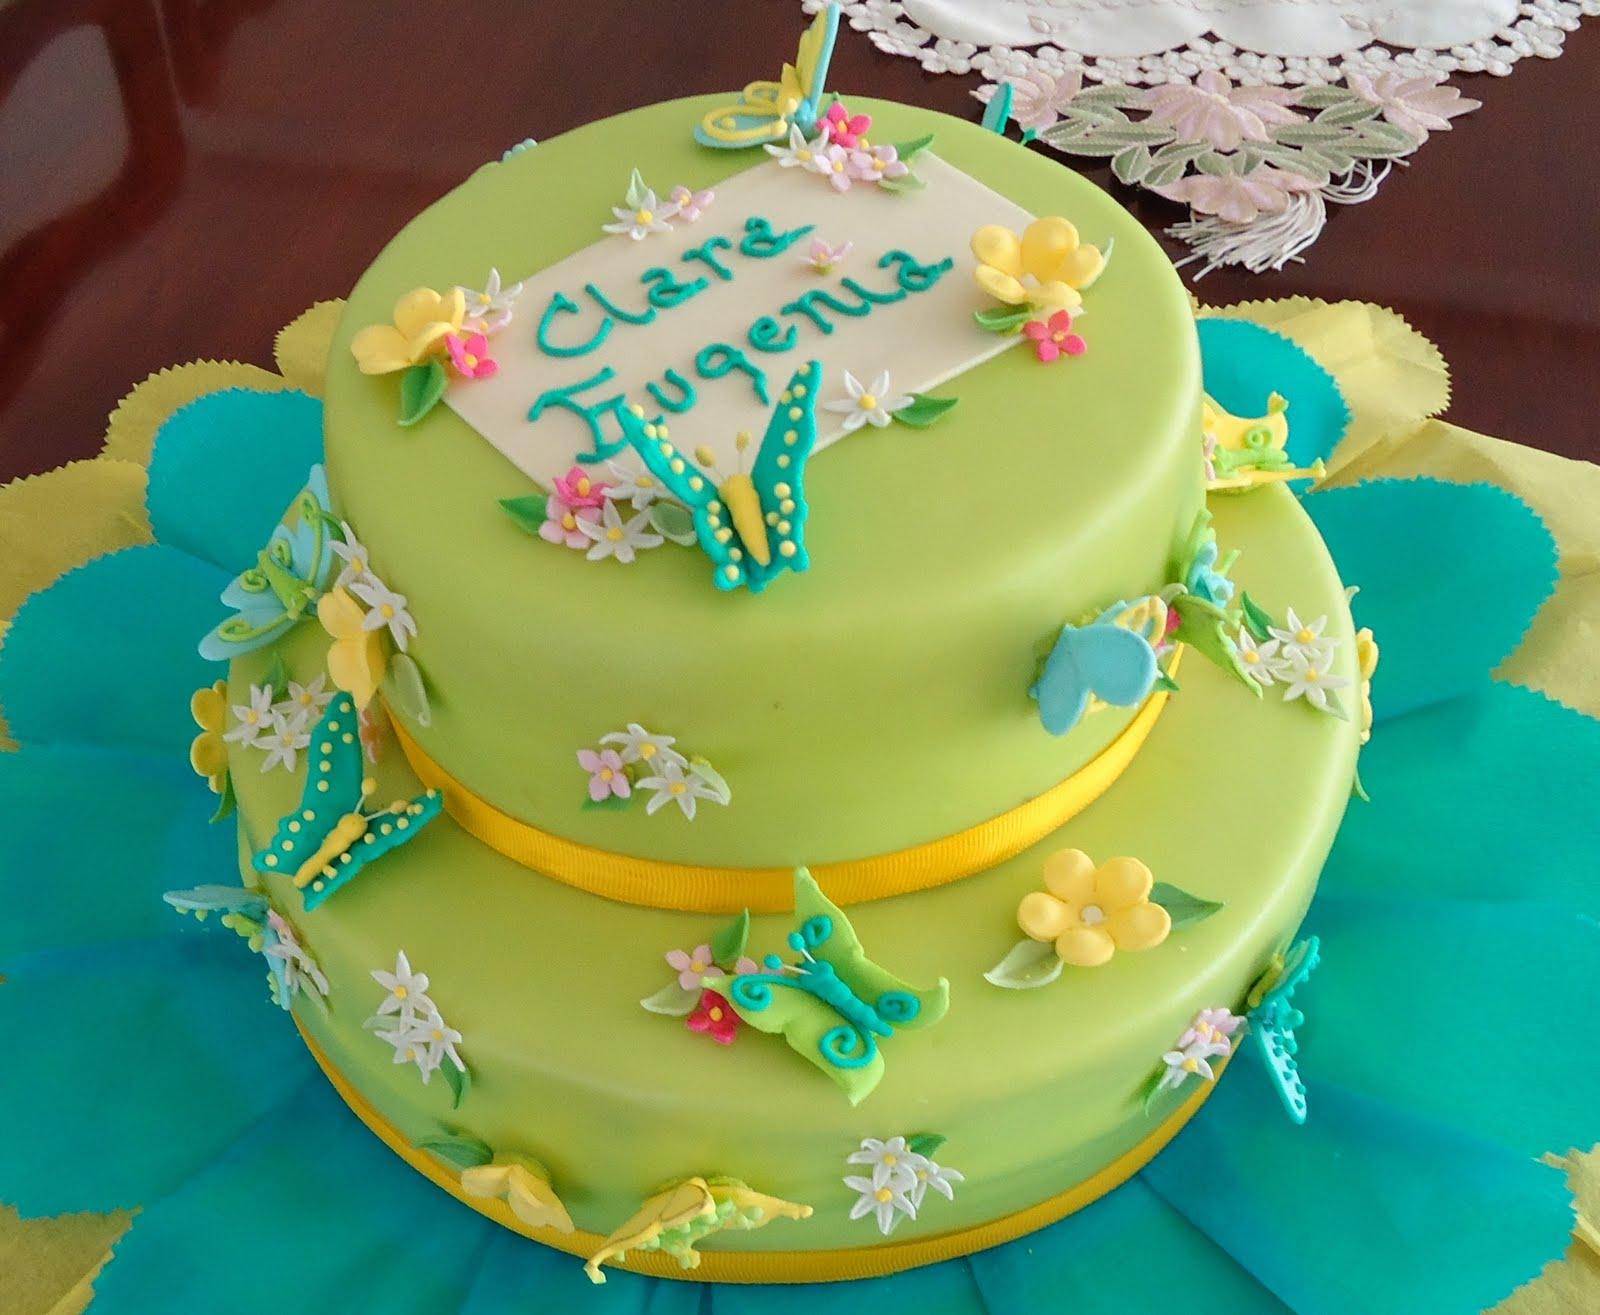 Sugardots: Feliz Cumpleaños!